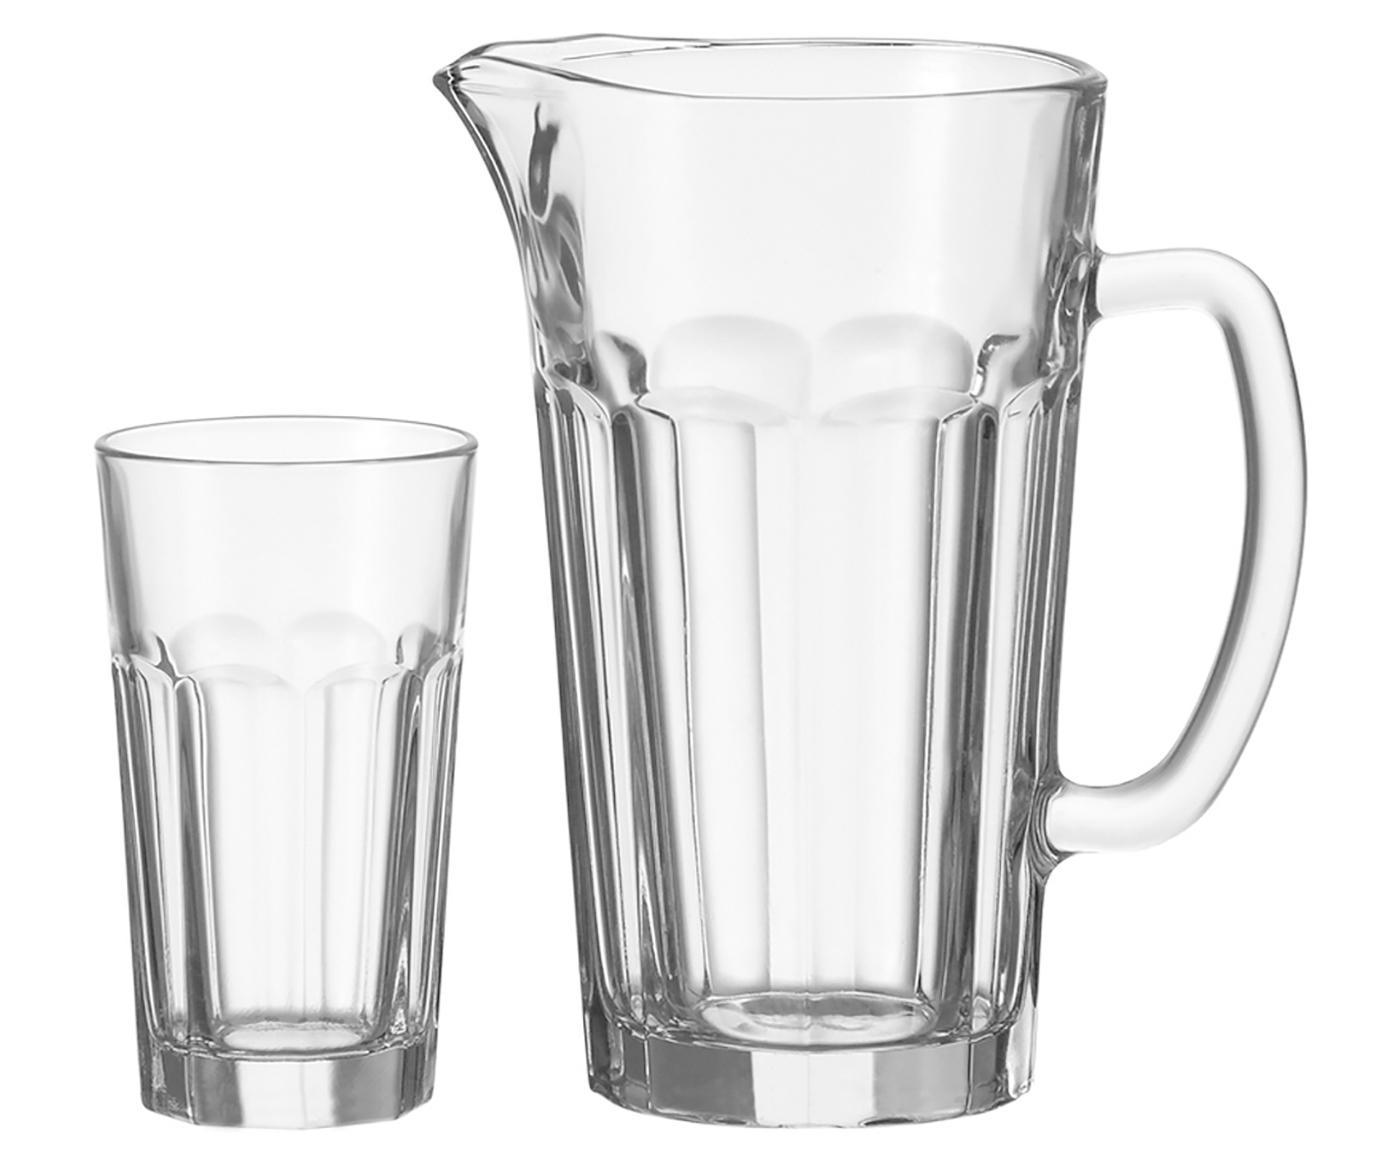 Jarra Rock con vasos, 7pzas., Vidrio, Transparente, Tamaños diferentes